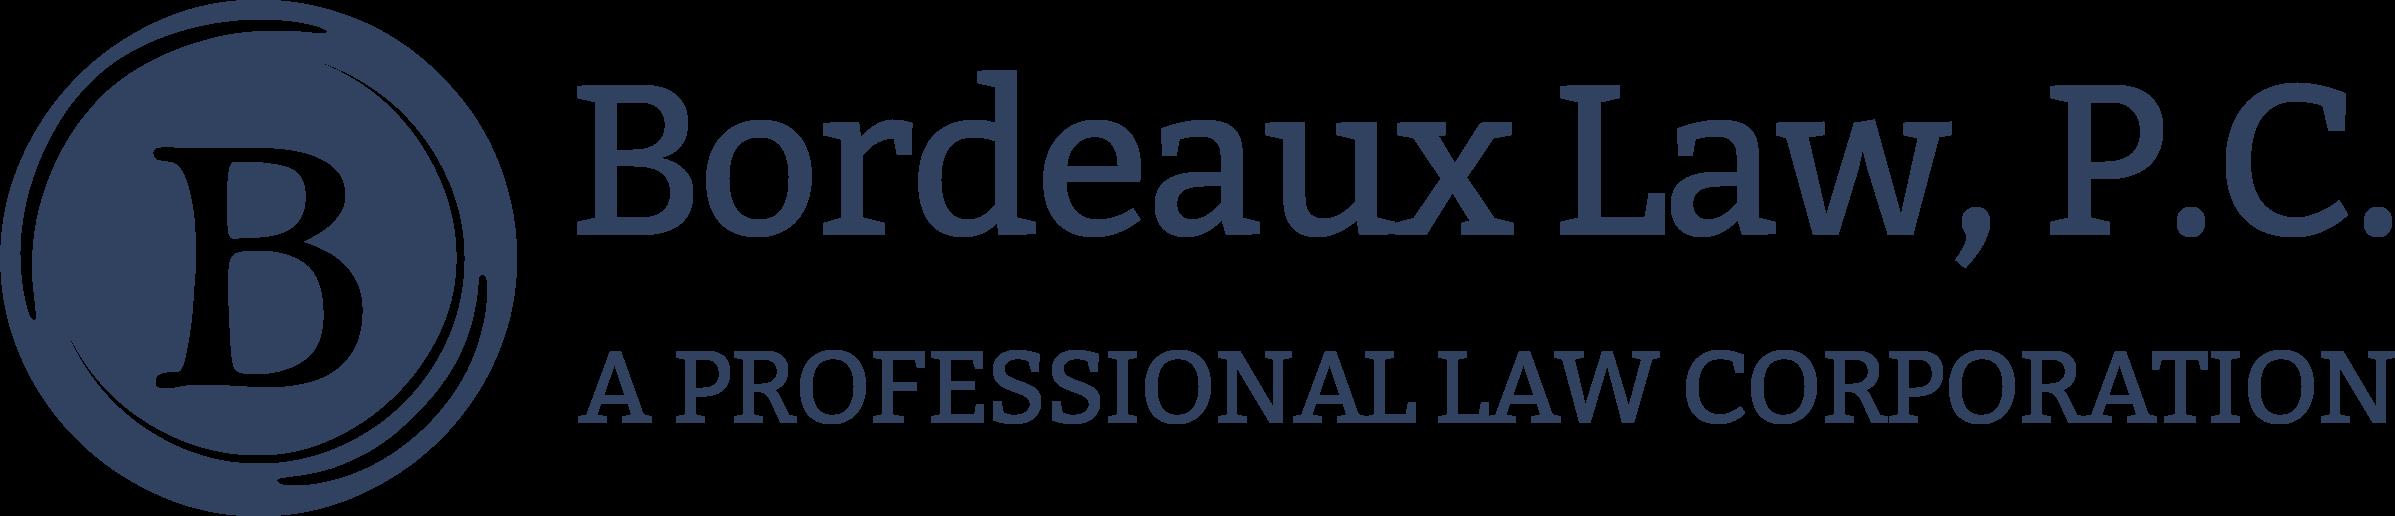 Bordeaux Law, P.C.